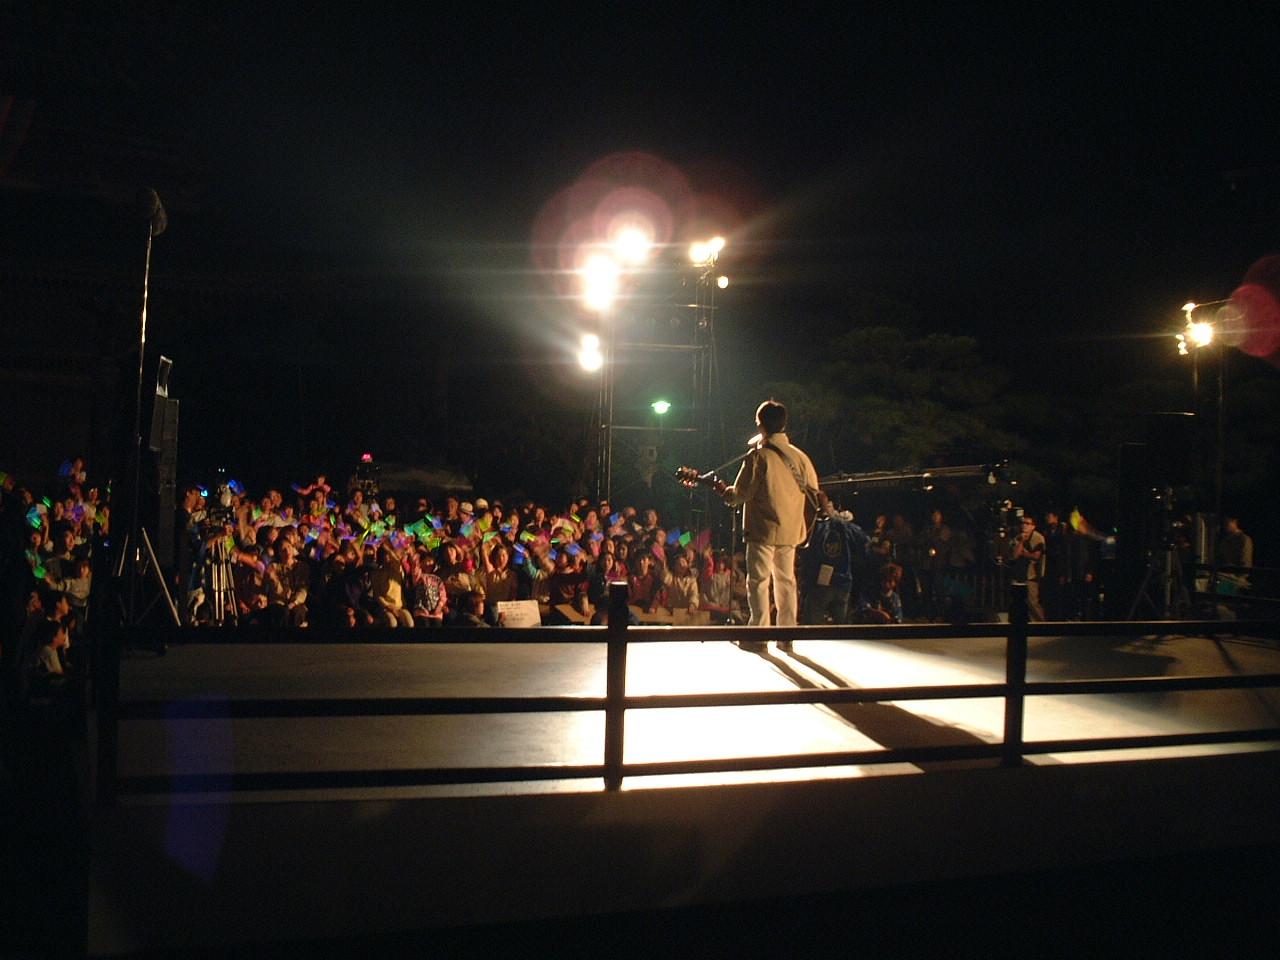 大勢の観客に見守られて歌いました。